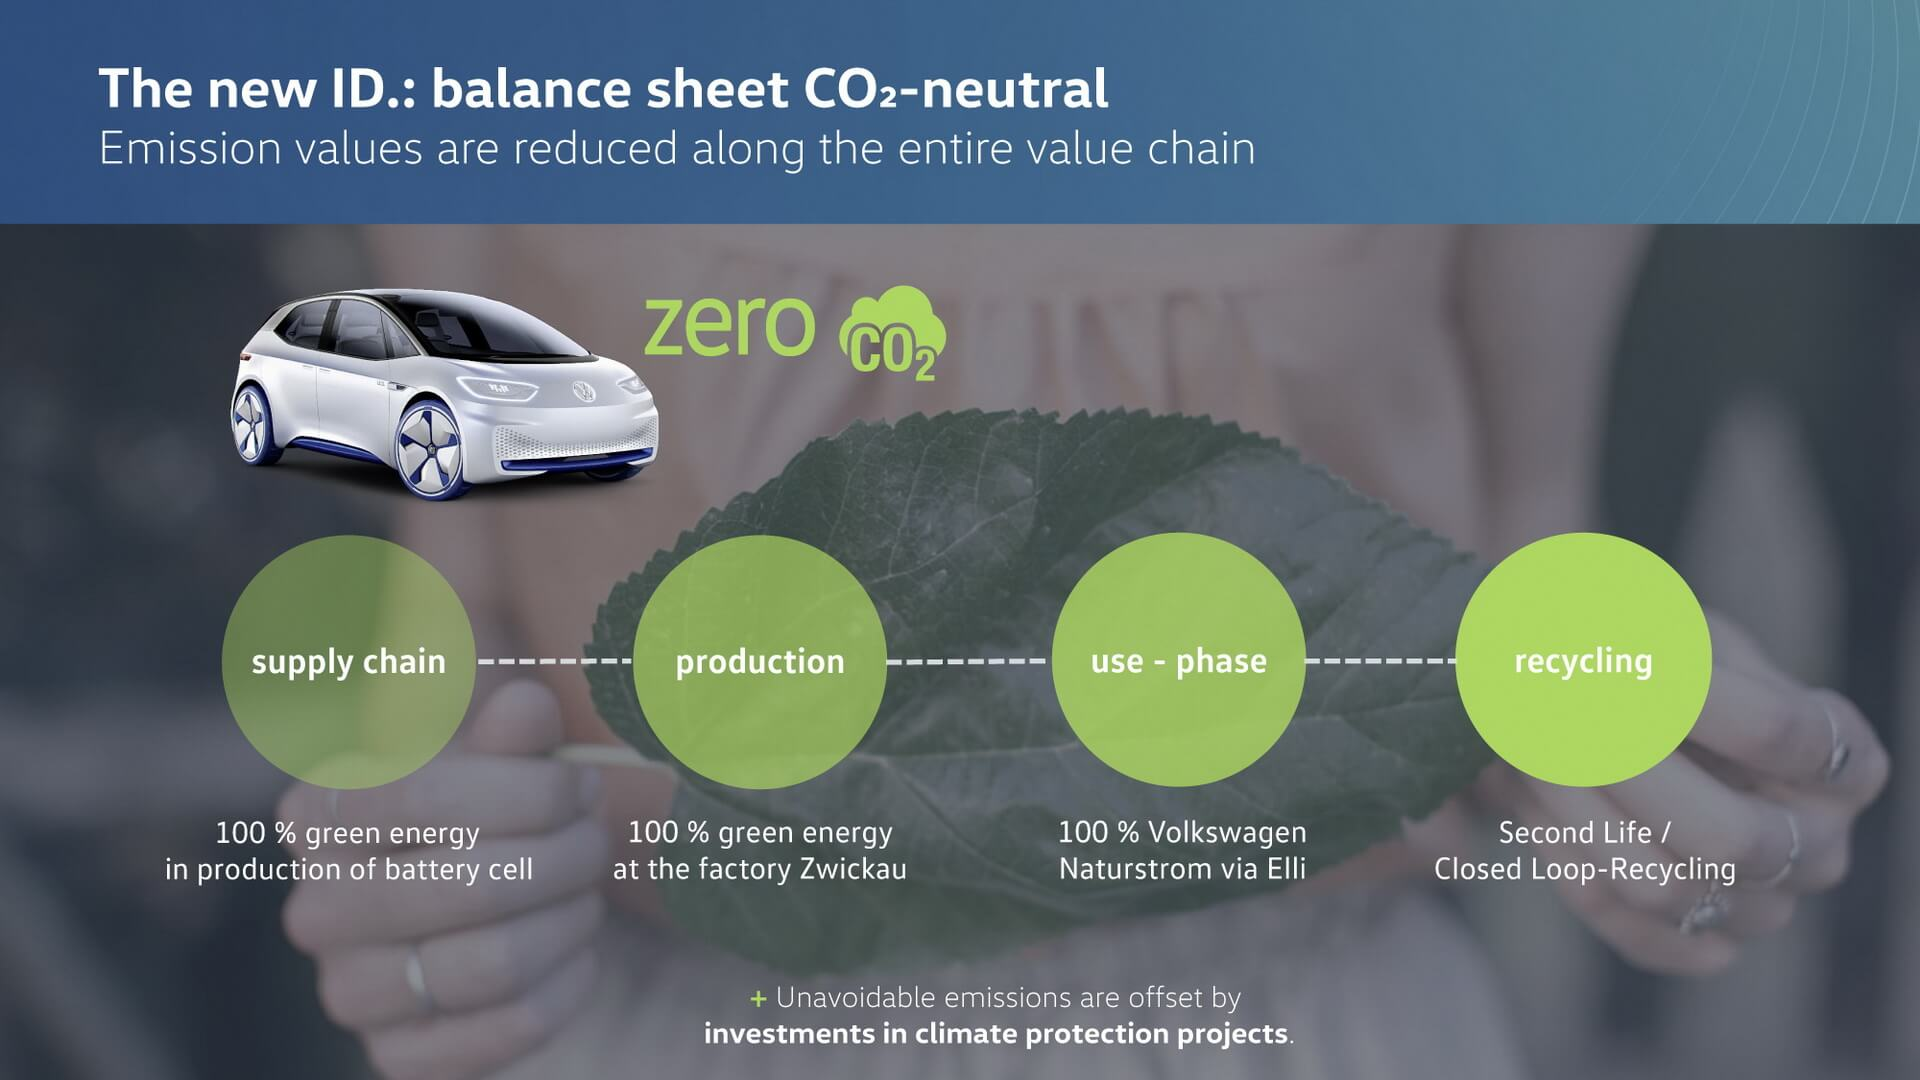 Производственная концепция выпуска модели I.D. с сокращением выбросов CO2